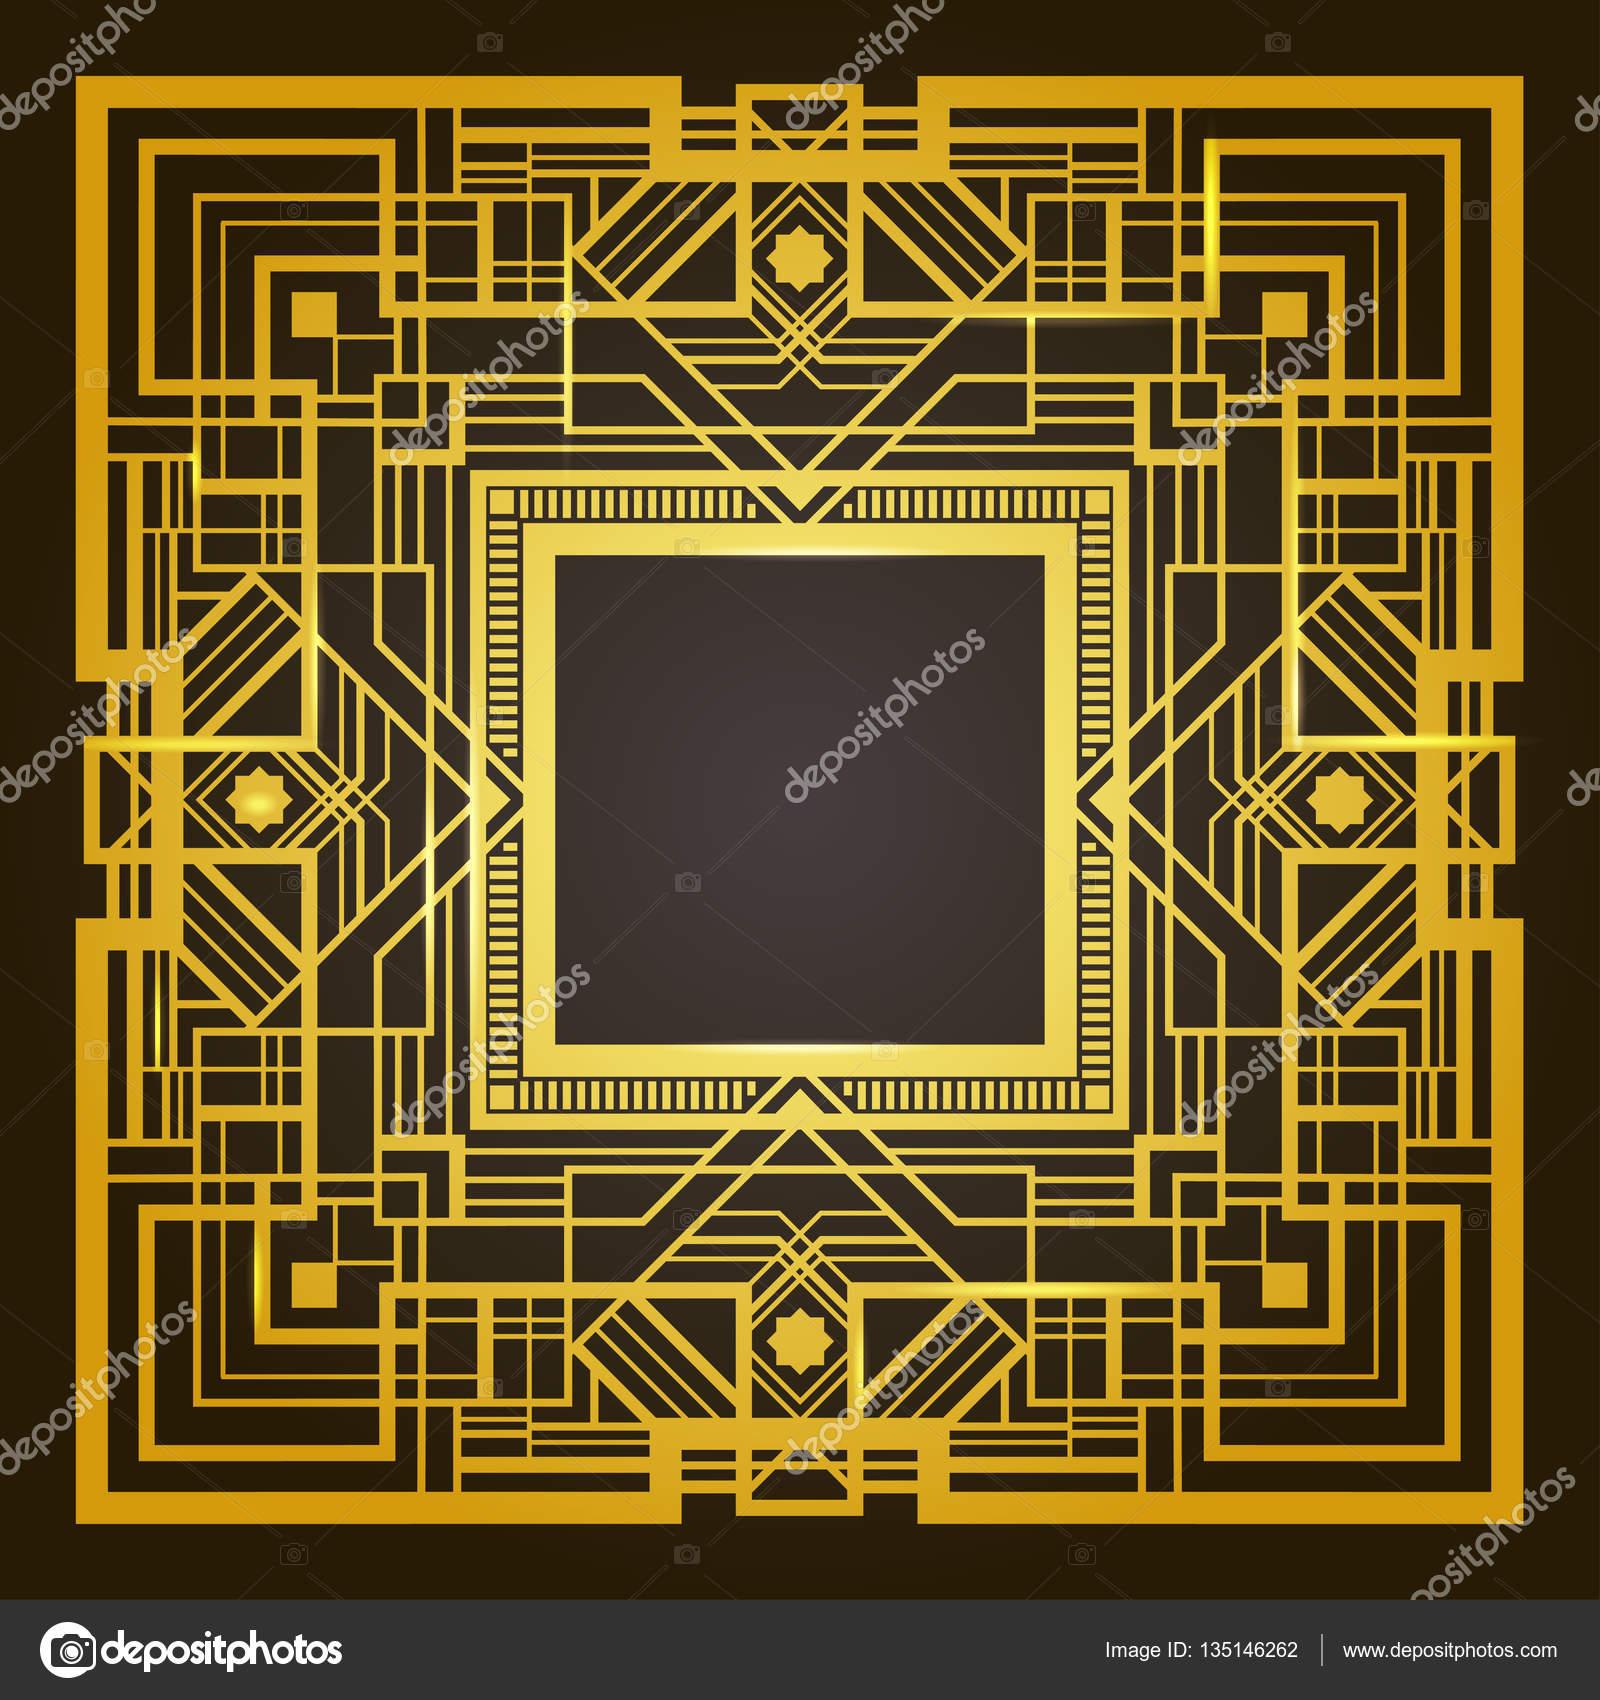 carré d'or et noir cadre rétro, style art déco des années 1920